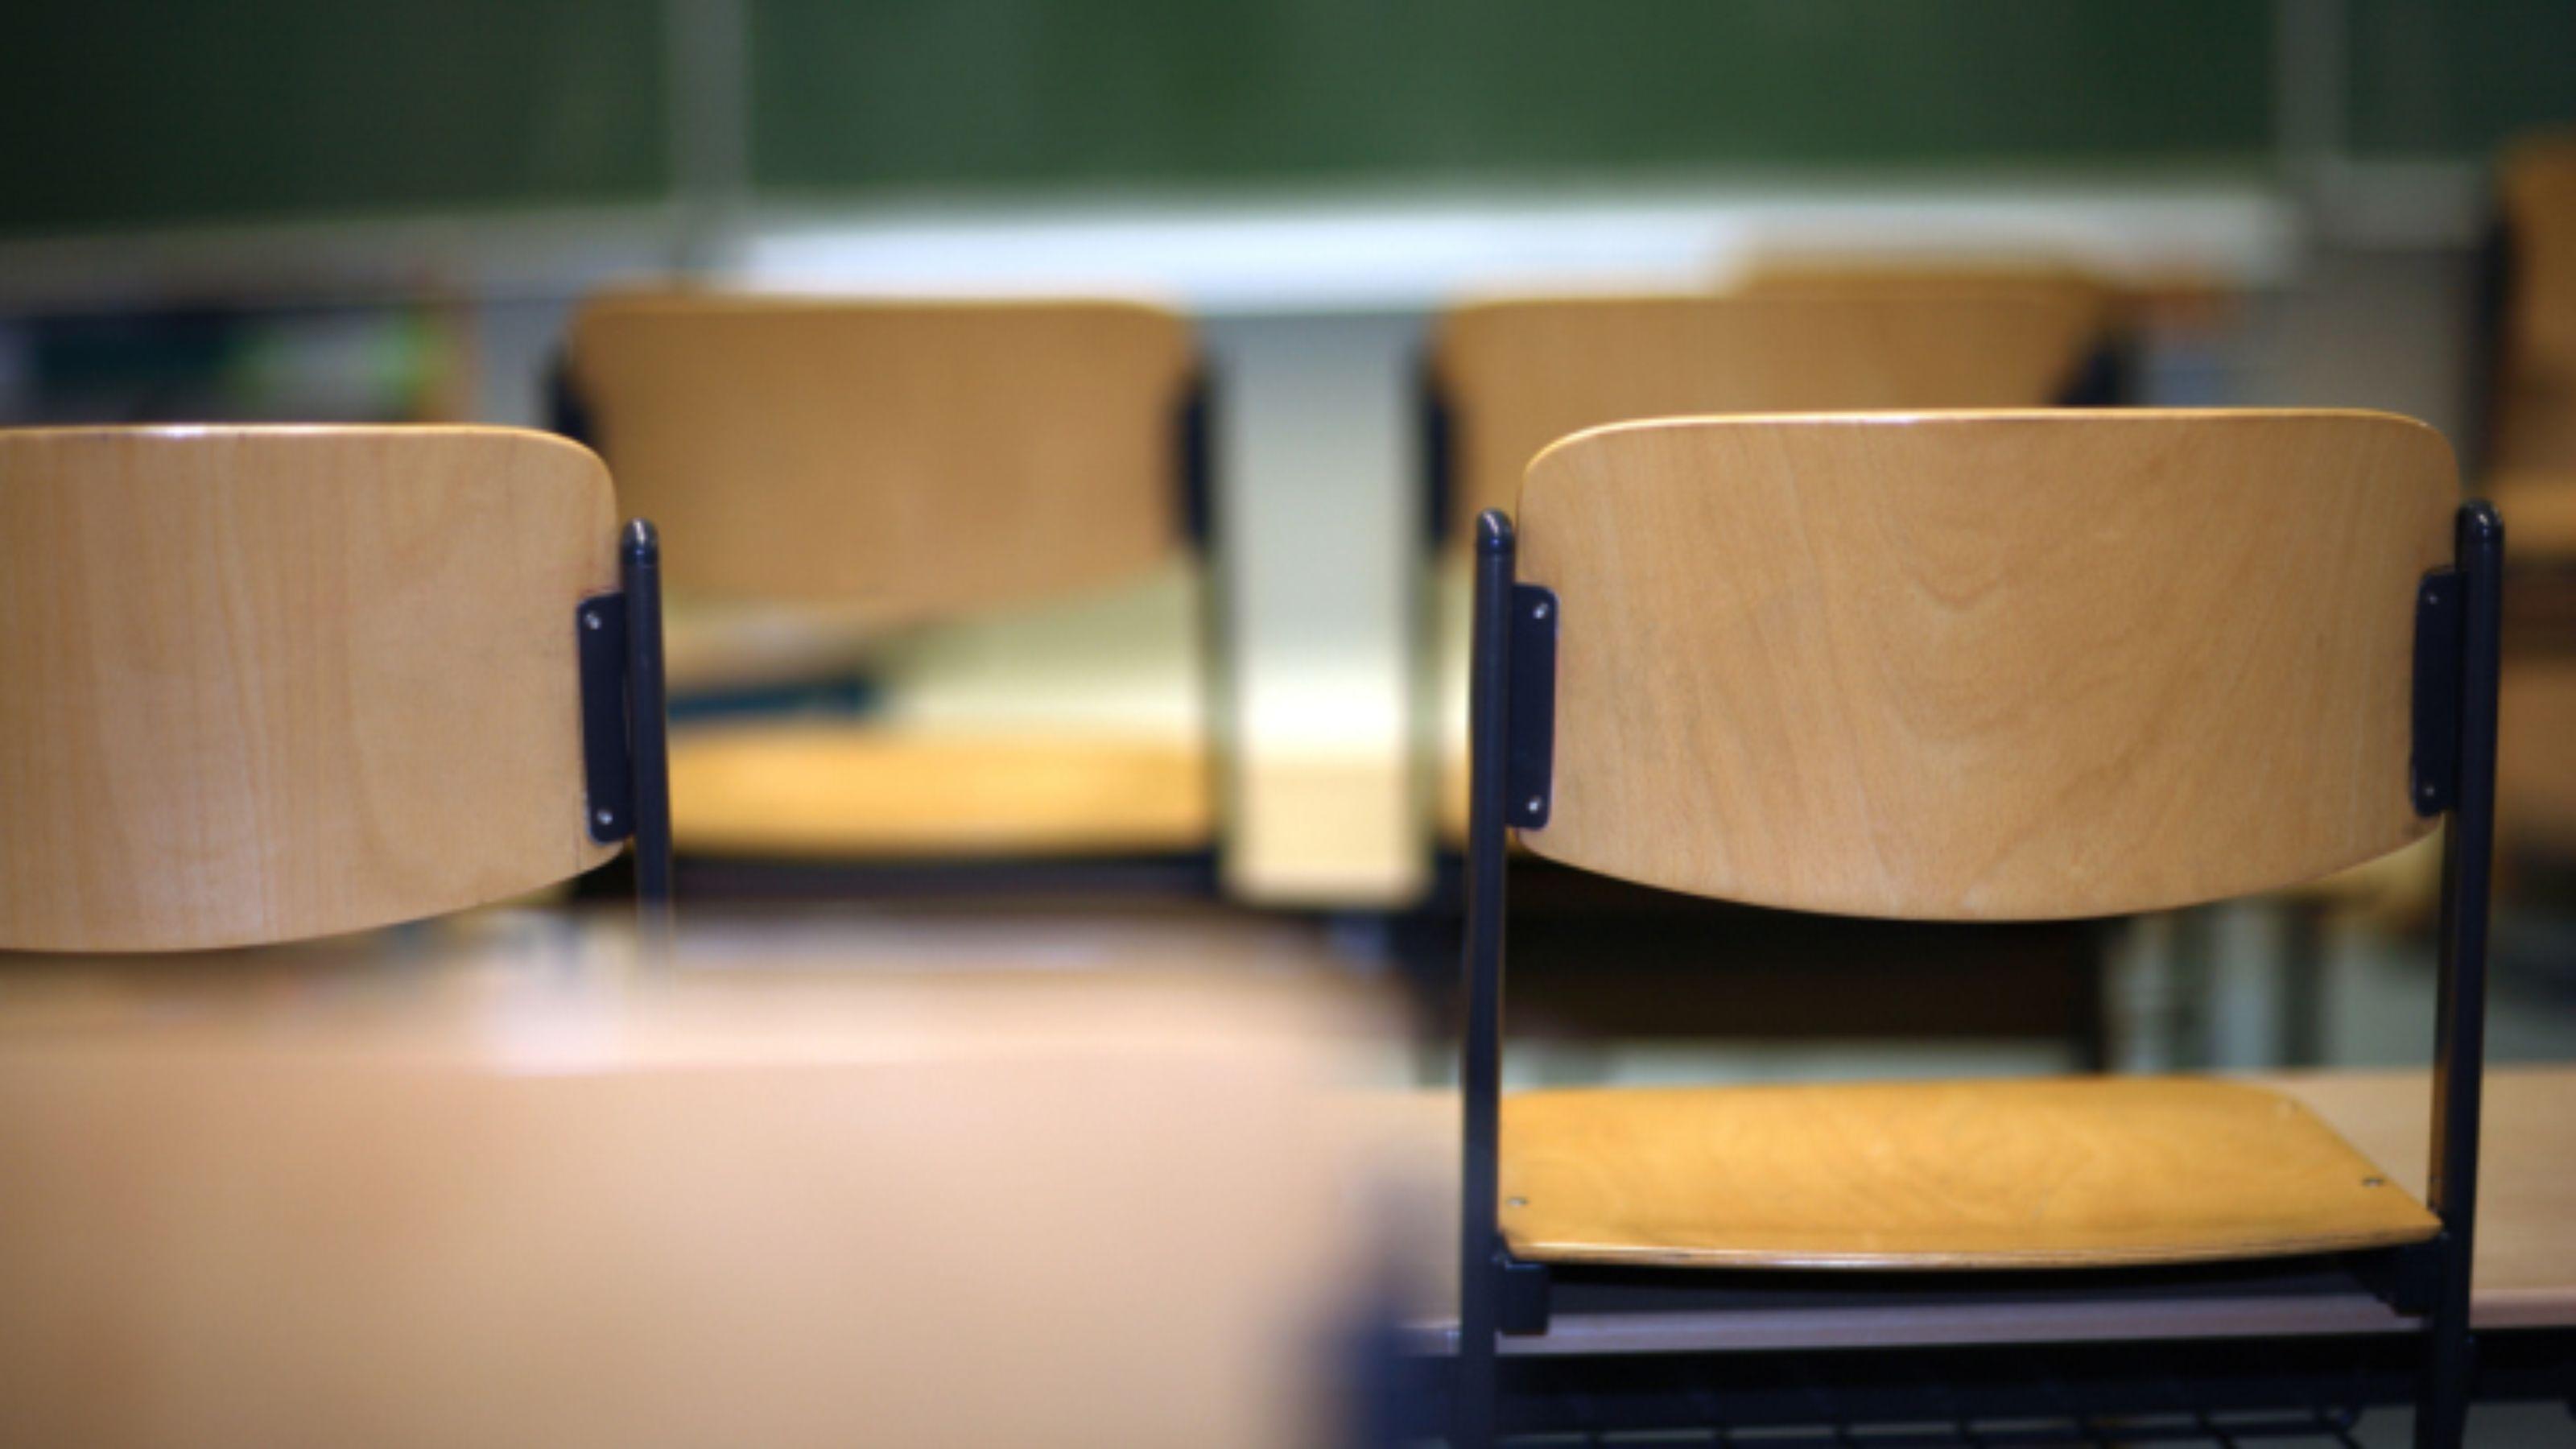 Rekor Seviyeye Ulaştı: Üniversite Eğitimini Yarıda Bırakanların Sayısında Yüzde 92 Artış